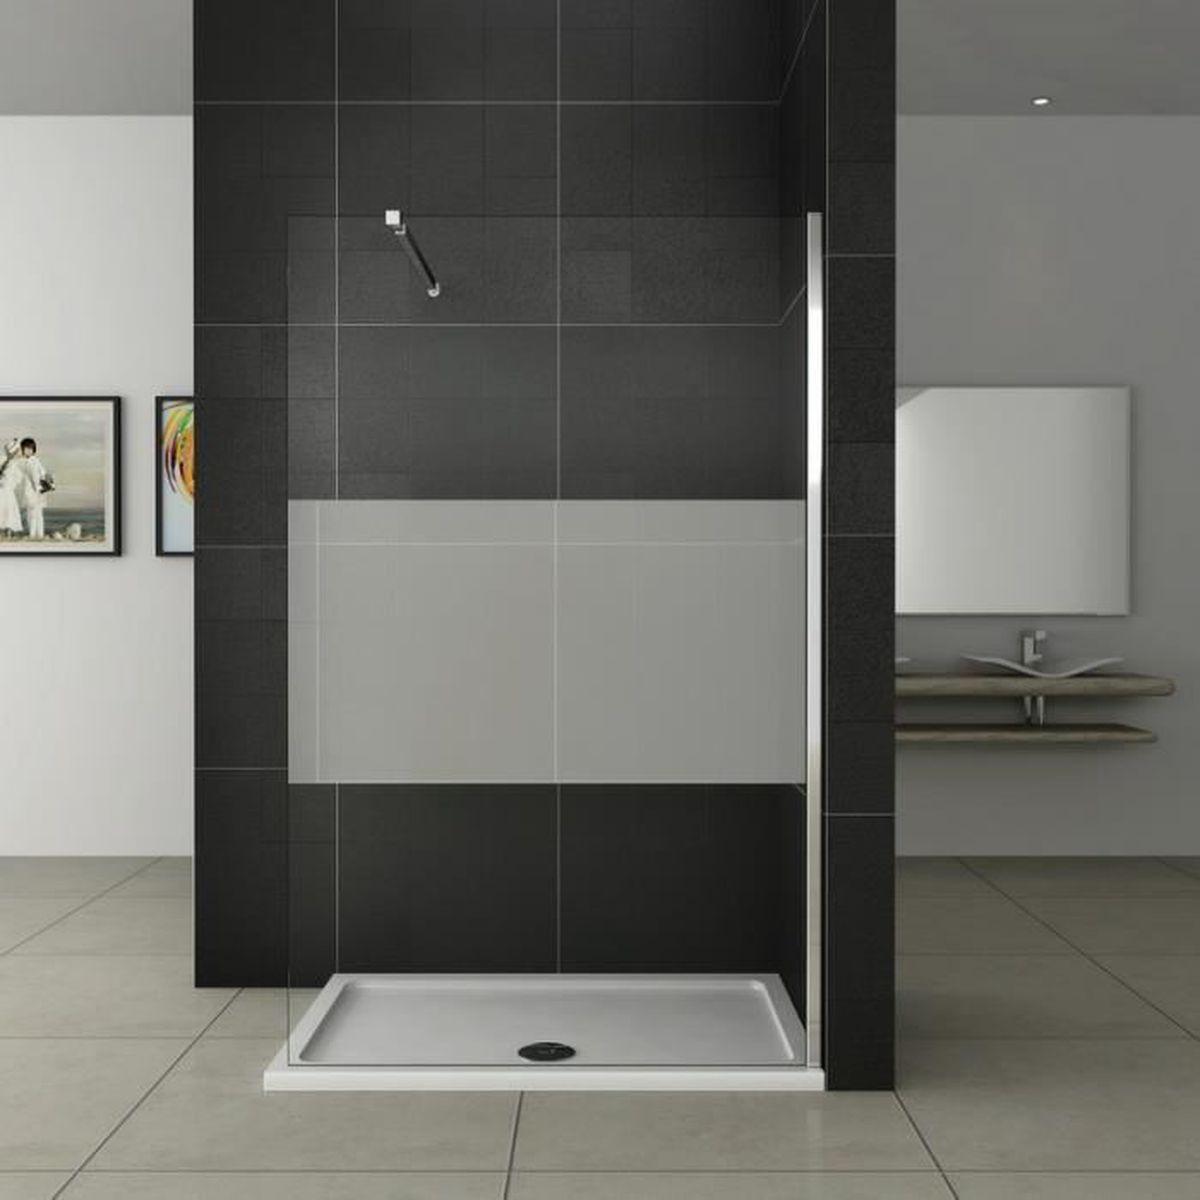 140 200cm walk in paroi de douche anticalcaire achat. Black Bedroom Furniture Sets. Home Design Ideas